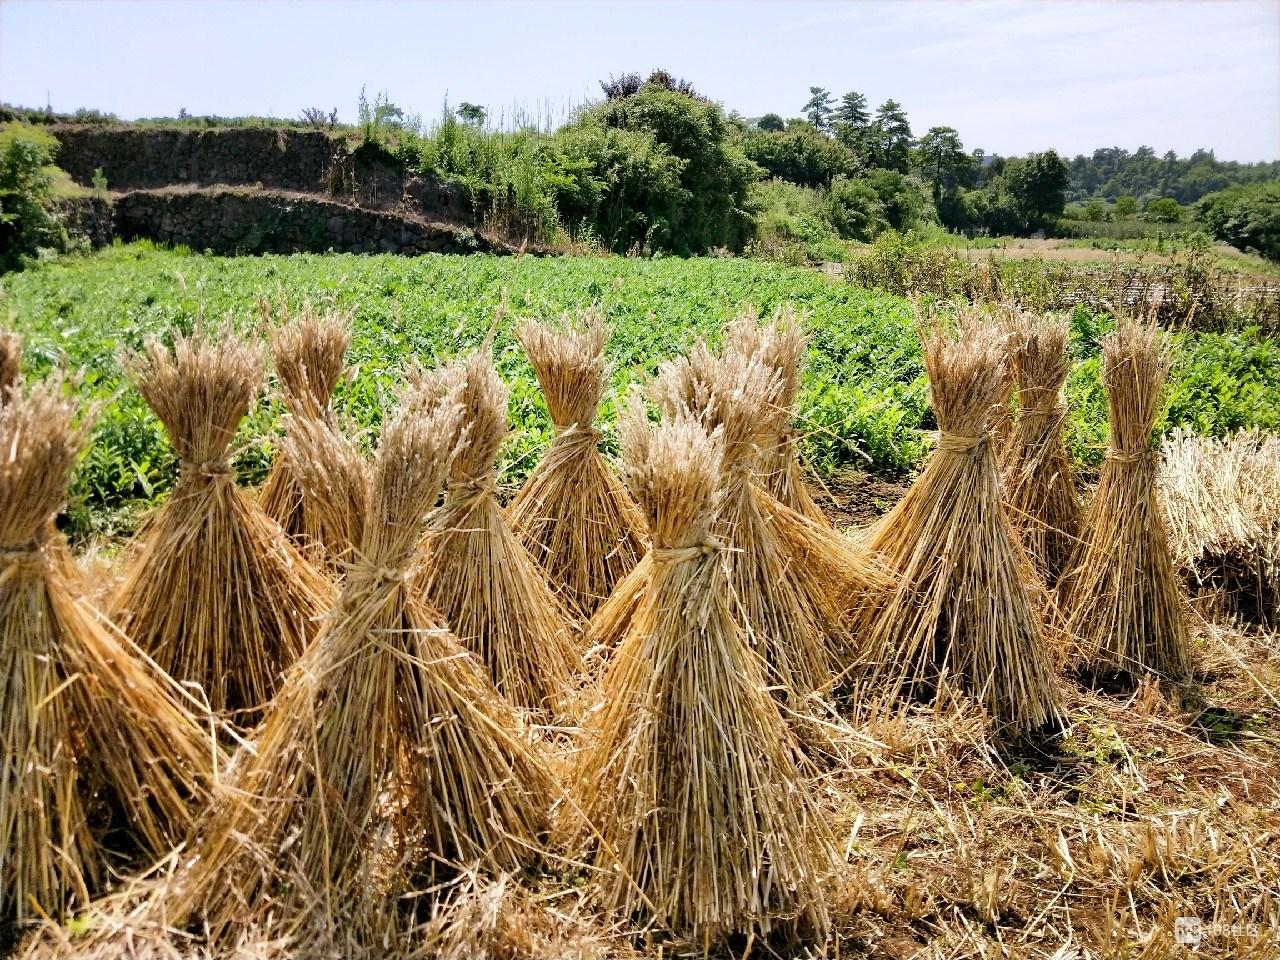 我家麦子丰收了!大市聚自种半亩田,面粉收起慢慢吃